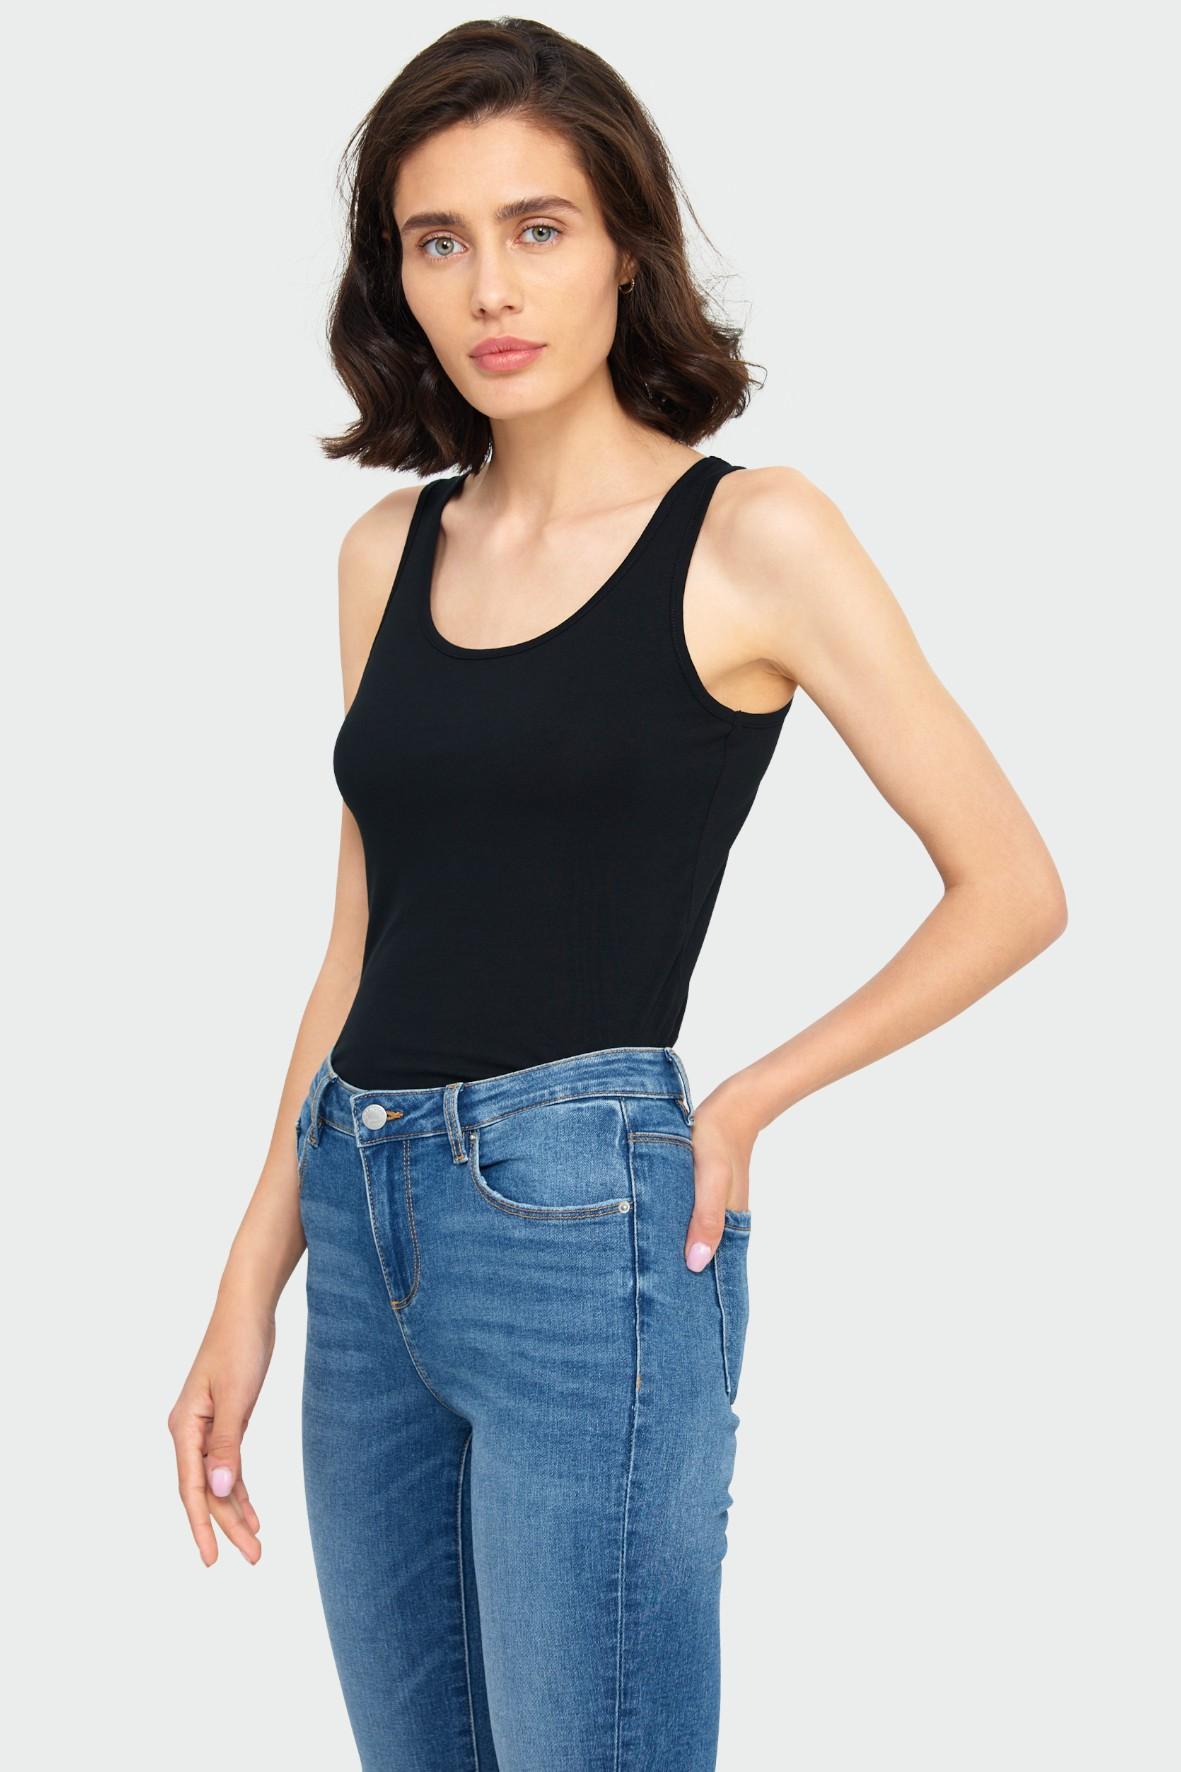 Czarny bawełniany top na ramiączkach- ubrania dla kobiet